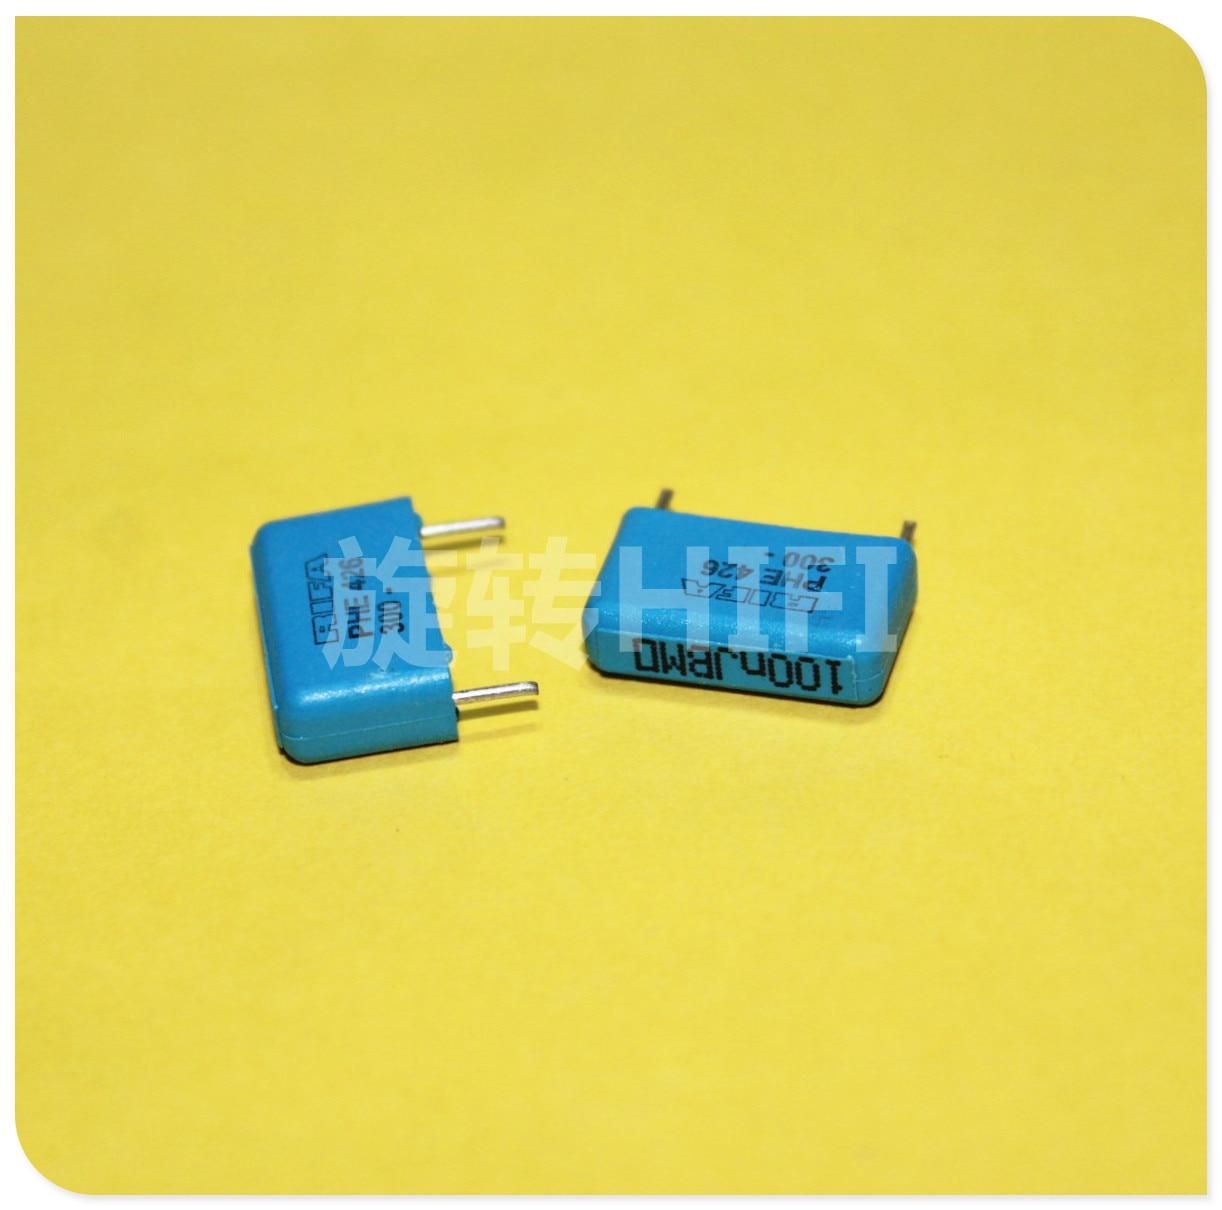 Kemet RIFA PHE426 Film Capacitance P15 33NF 68NF 100NF 220NF 270NF 330NF 430NF 390NF 560NF 680NF 250V 300V 630V 400V 0.1UF